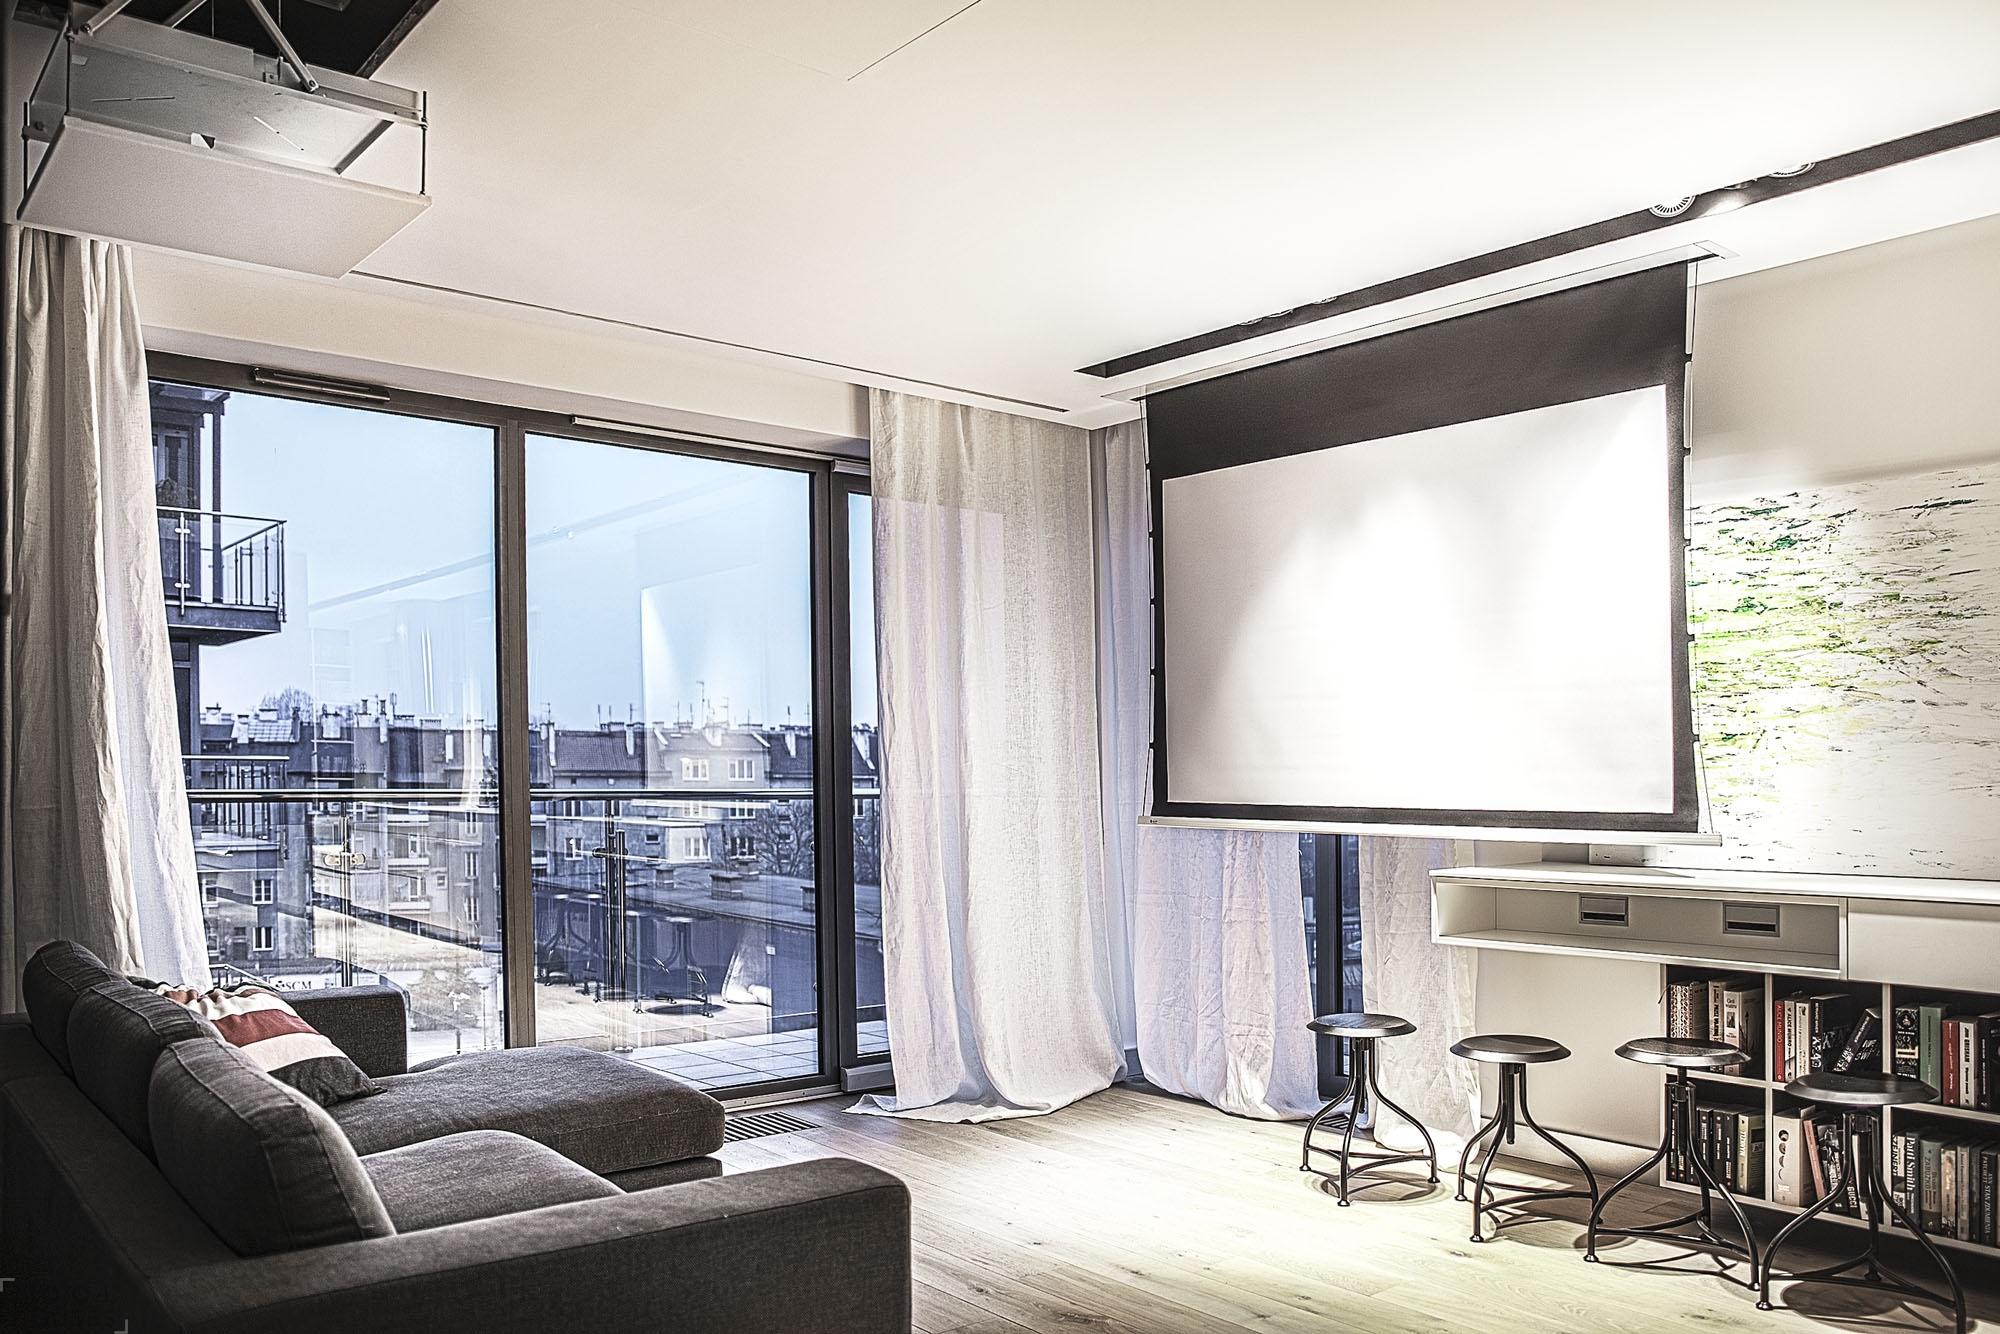 Оригинальная квартира, визуально разделенная на две части – день и ночь